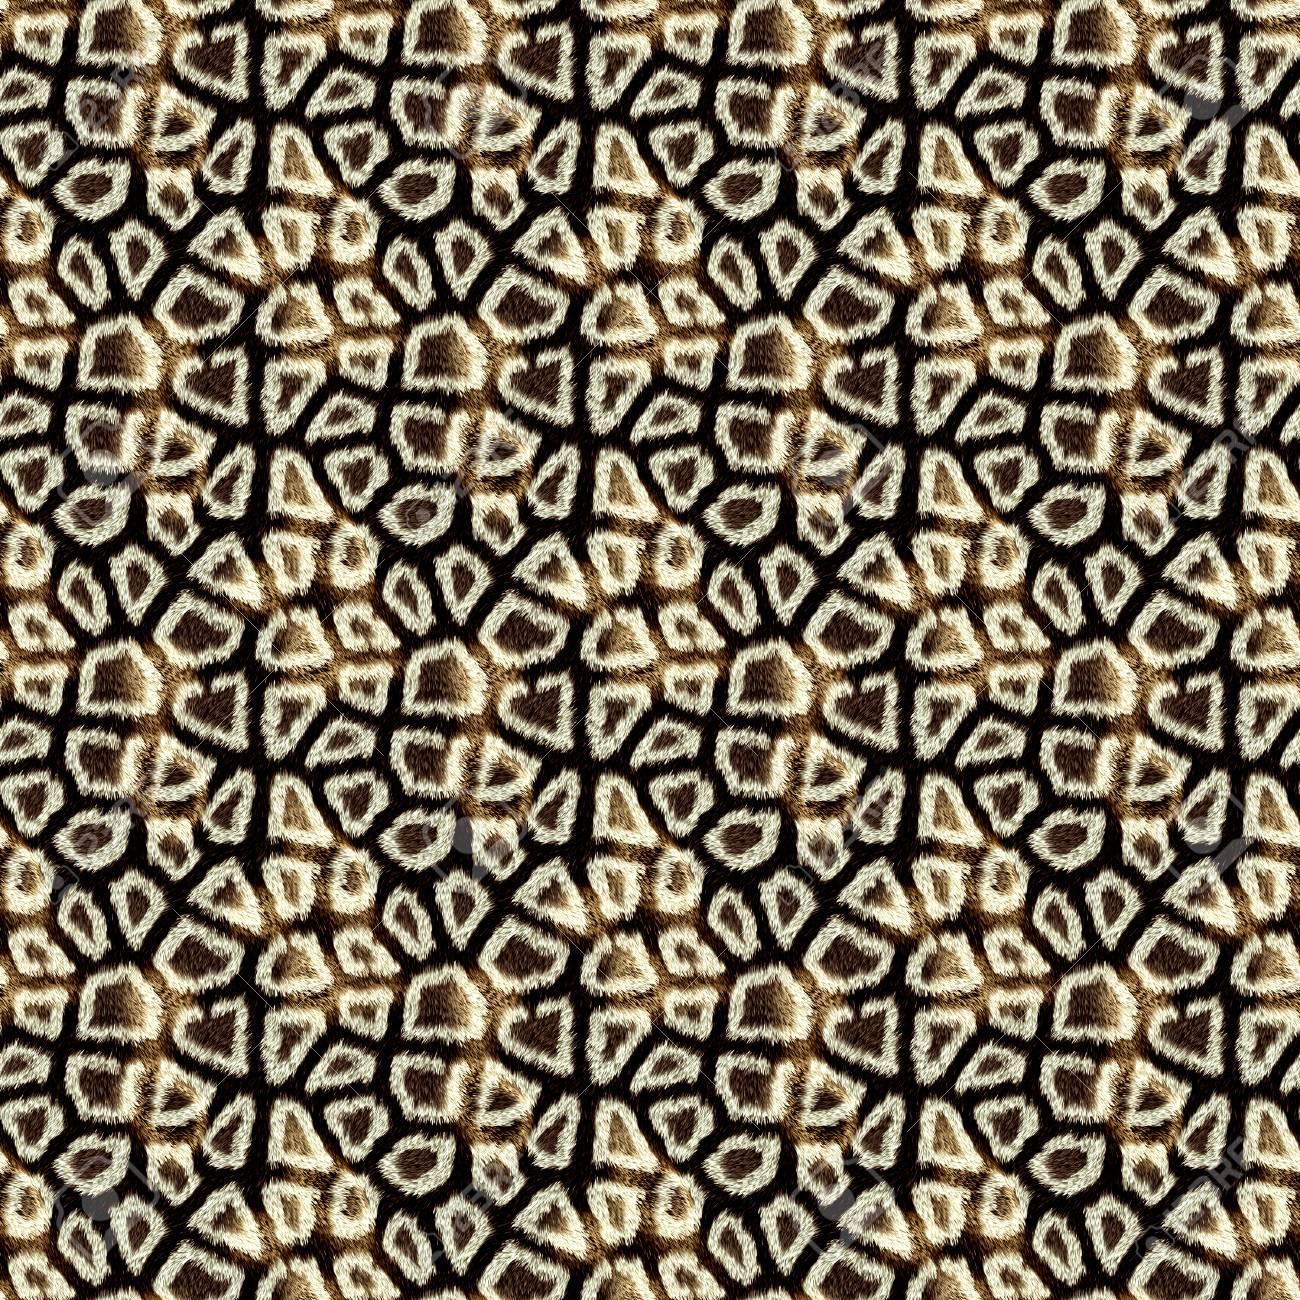 pour le fond avec un motif geometrique carrelage transparente banque d images et photos libres de droits image 37038234